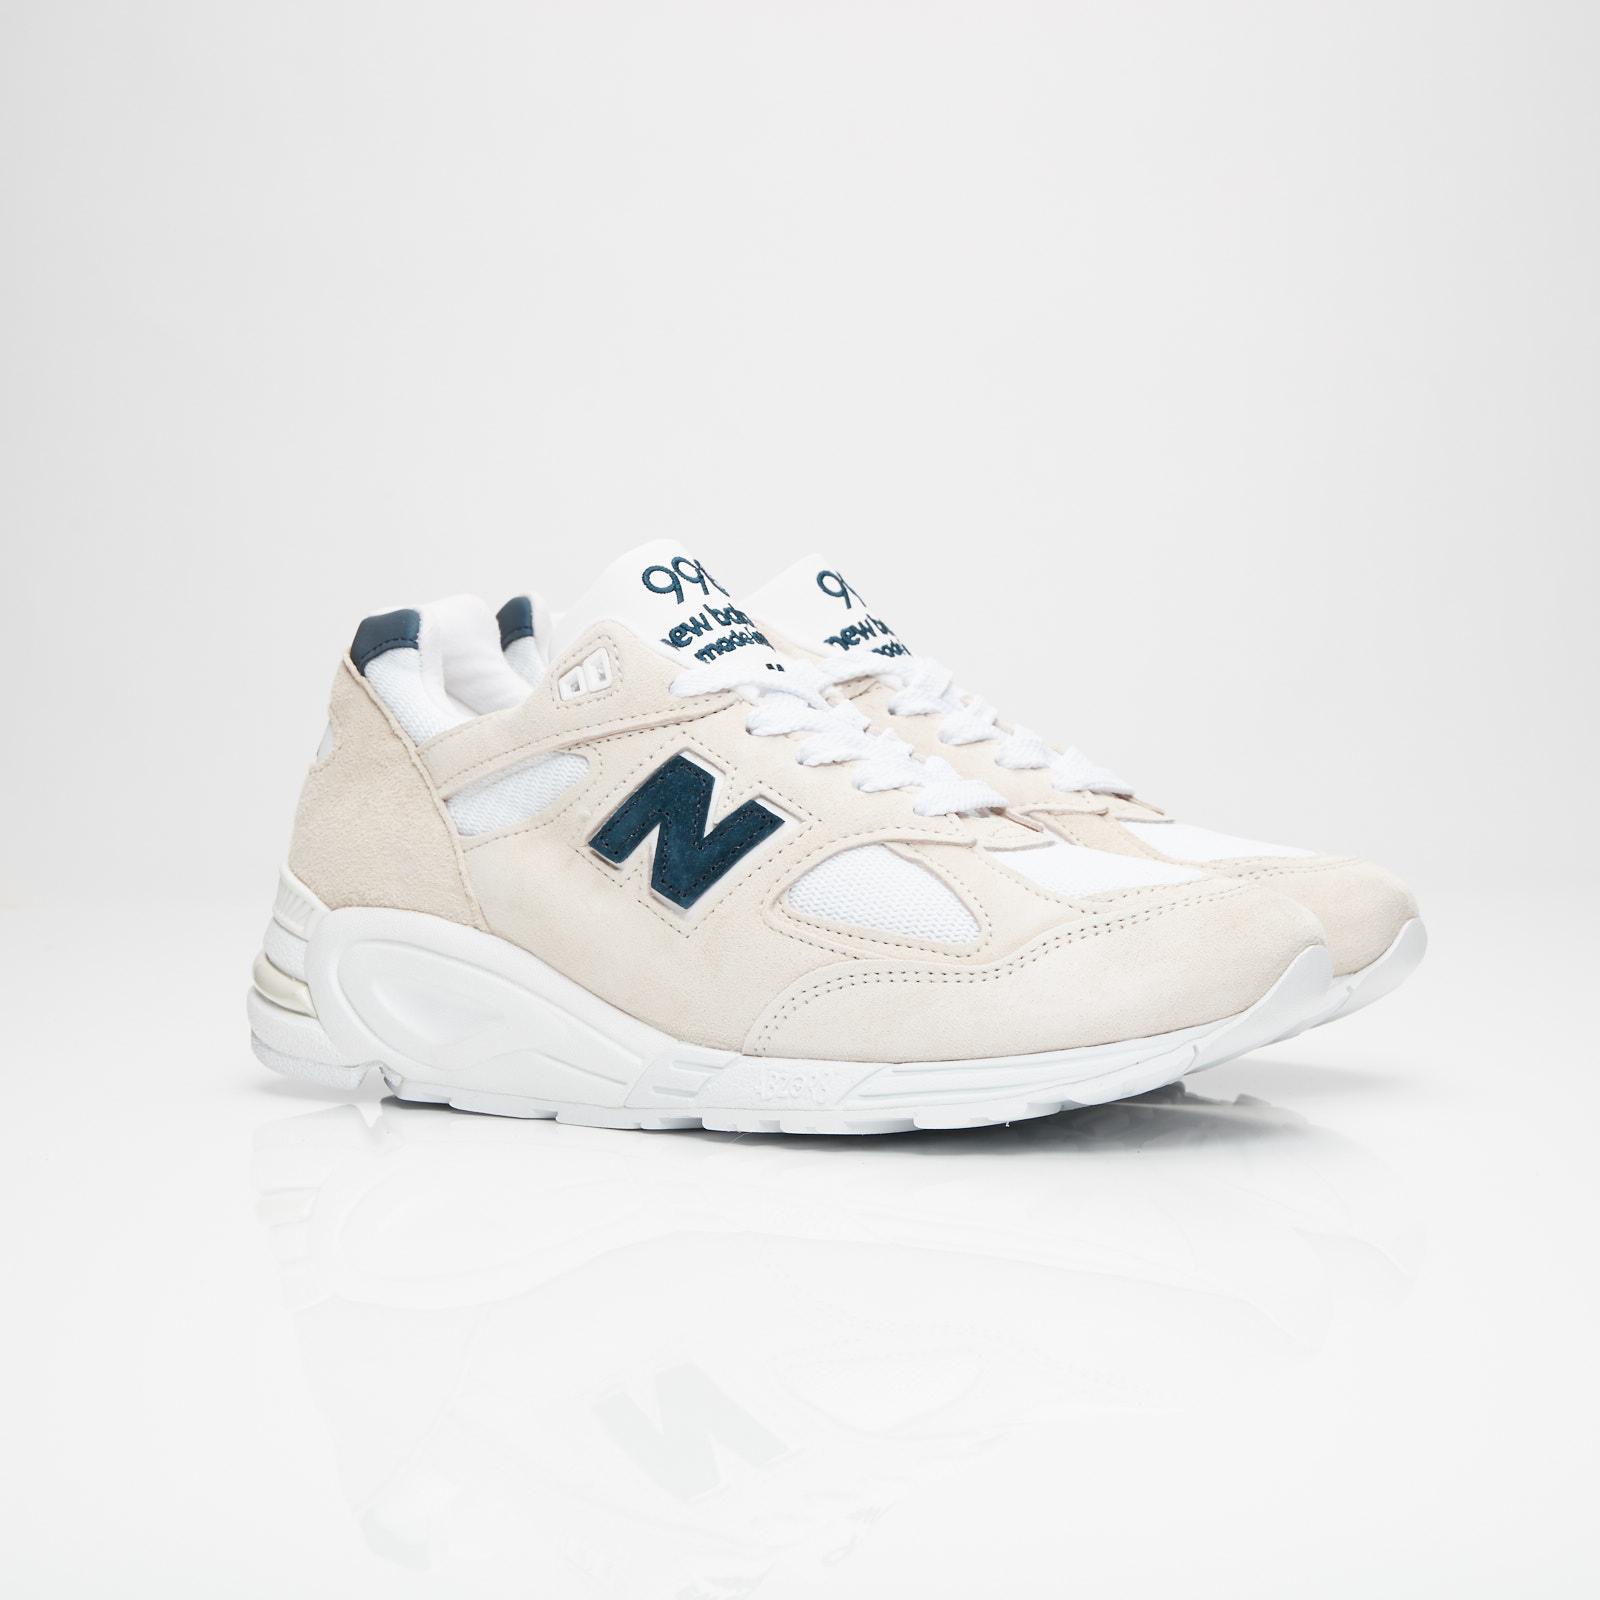 8b6437d6722e9 New Balance M990 - M990we2 - Sneakersnstuff | sneakers & streetwear ...